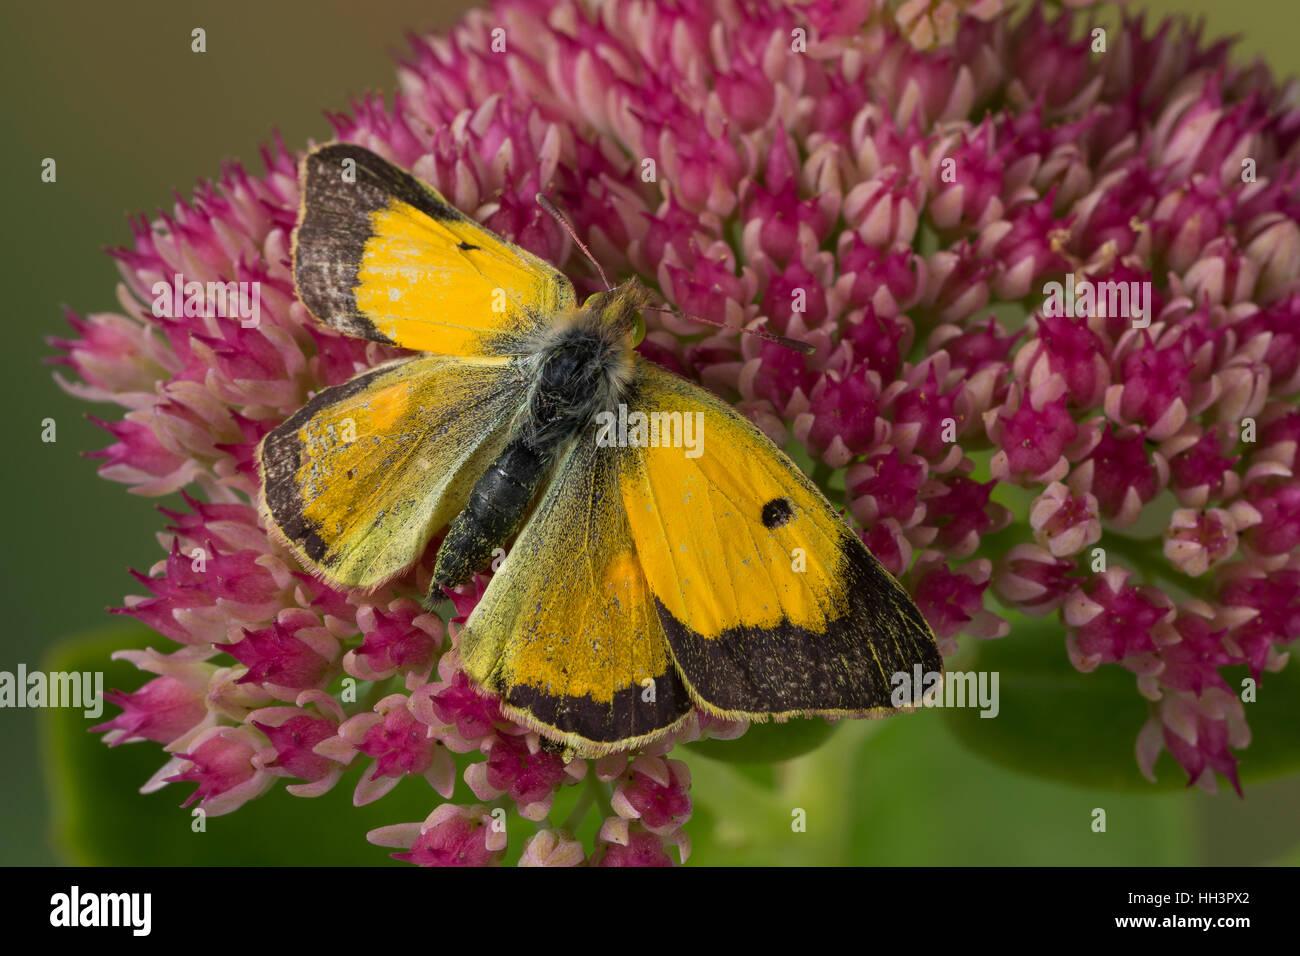 Postillon, Postillion, Großes Posthörnchen, Gelbes Posthörnchen, Wander-Gelbling, Wandergelbling, - Stock Image